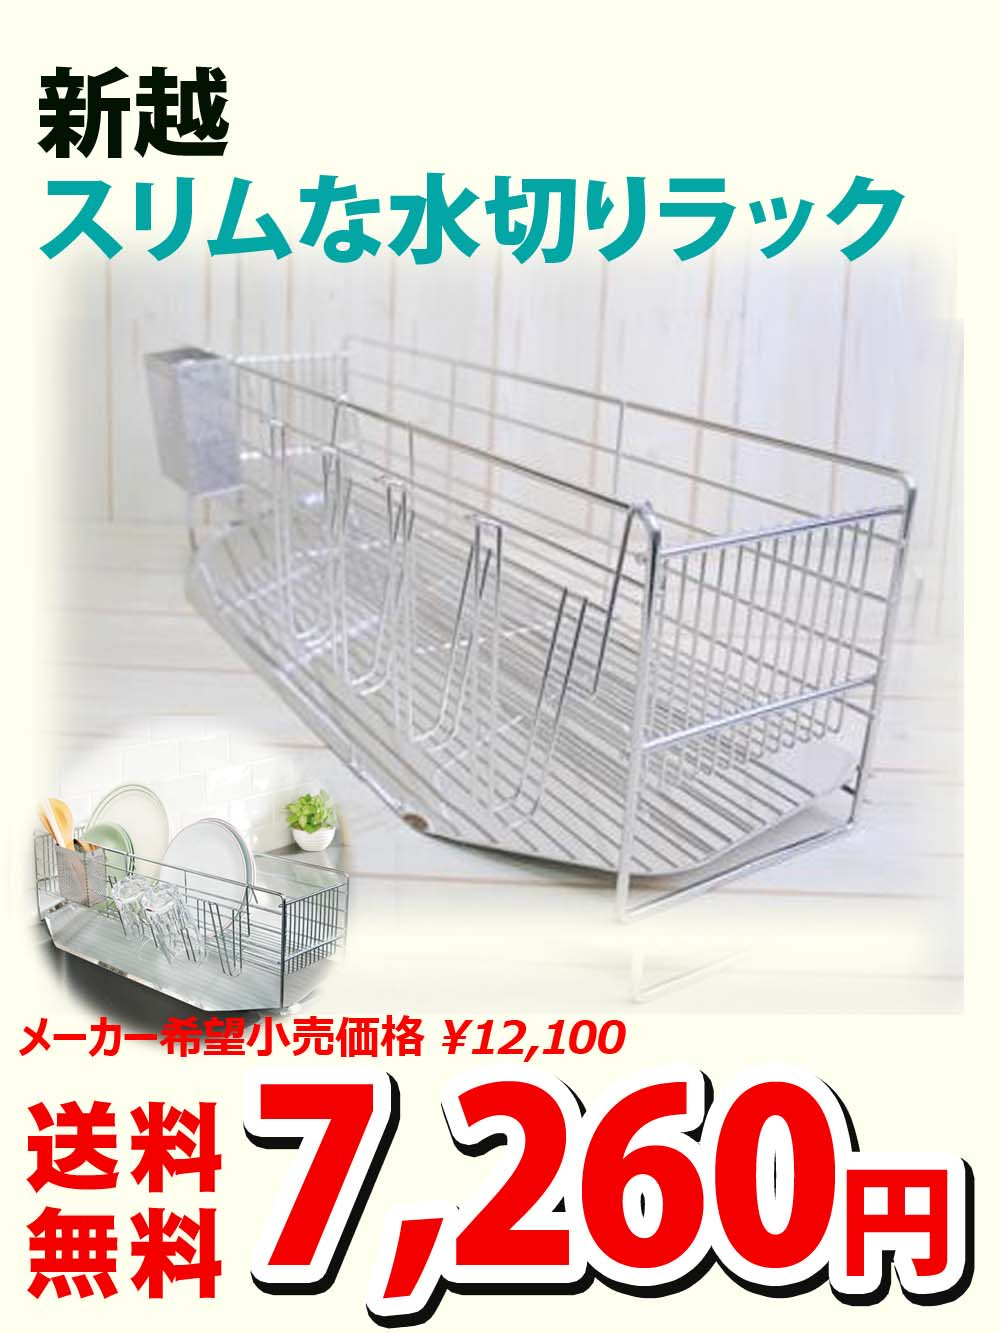 【送料無料】新越 スリムな水切りラック 定価12,100円【7260円】